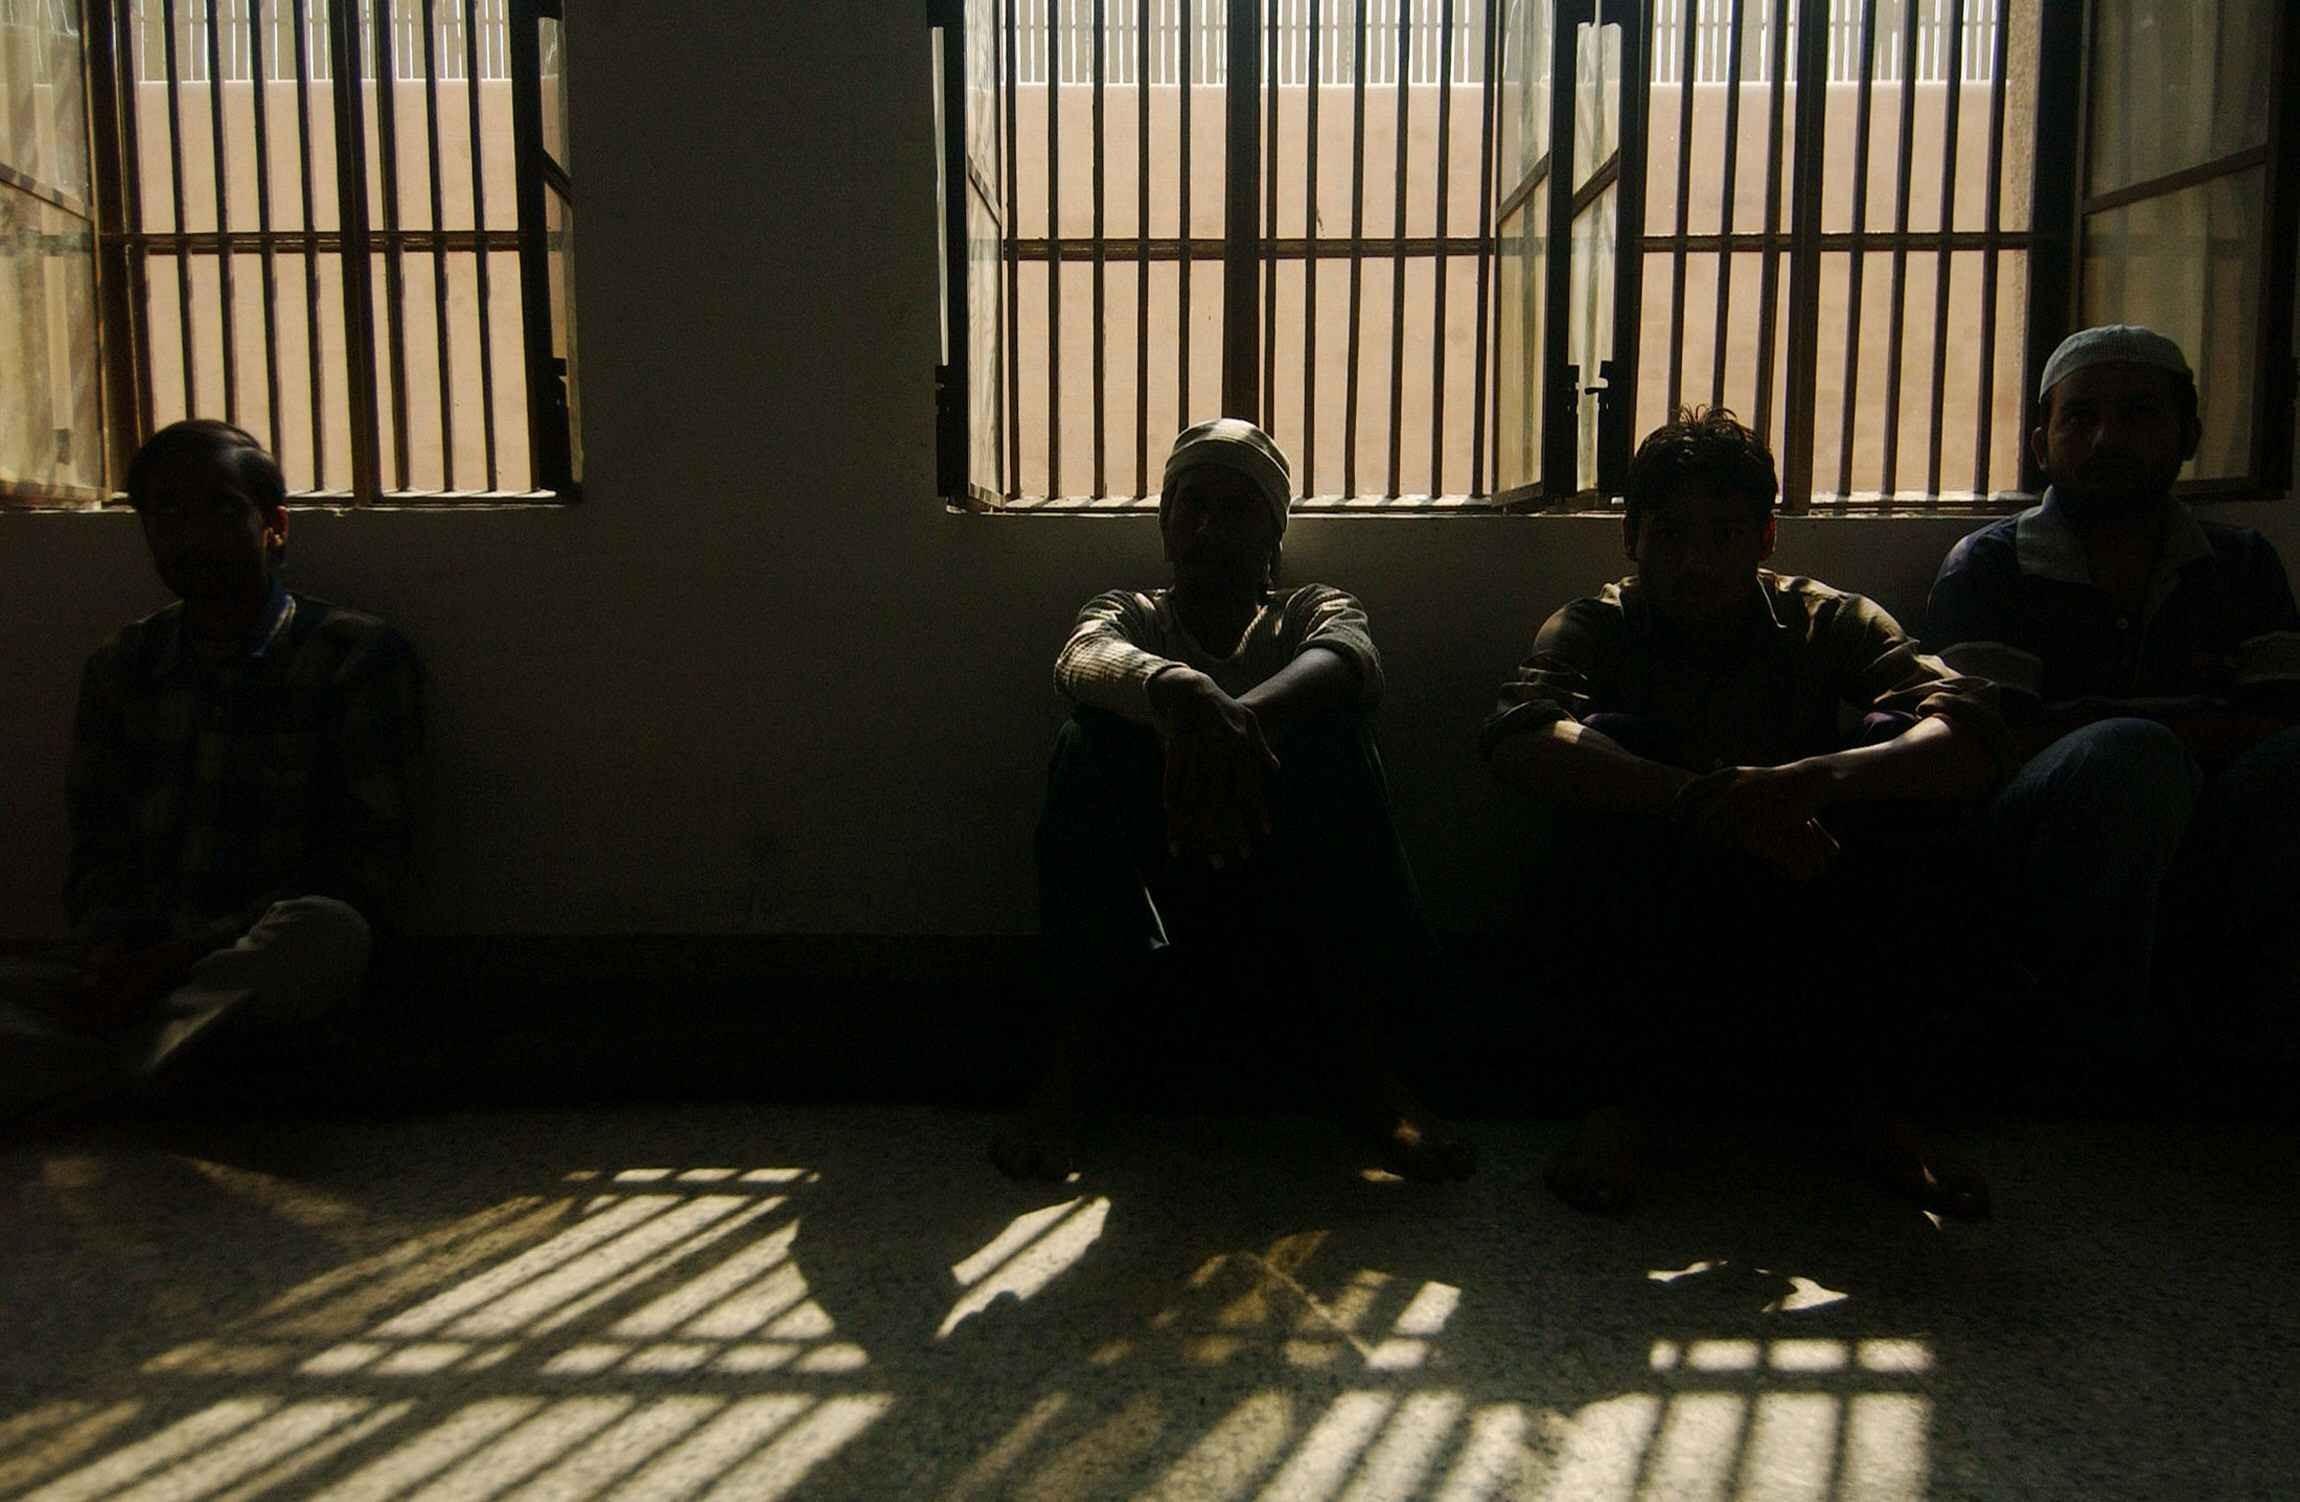 ВИндии неизвестные атаковали тюрьму иосвободили заключенных